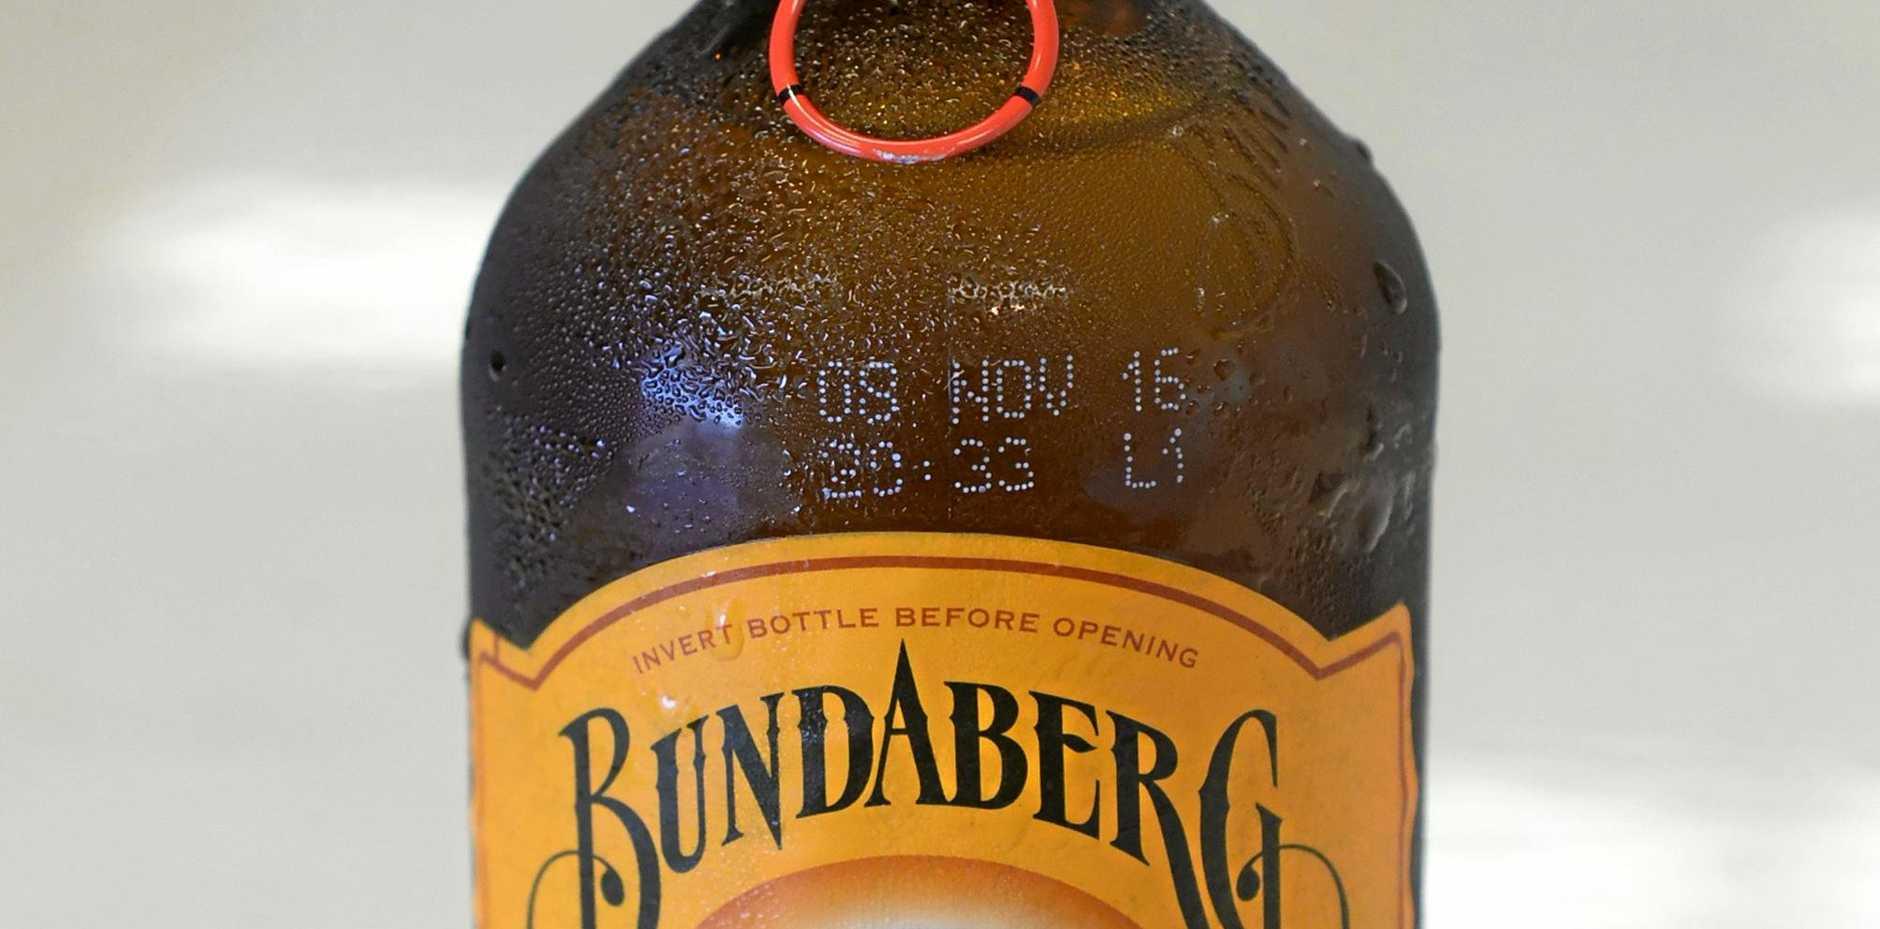 Bundaberg Ginger Beer.